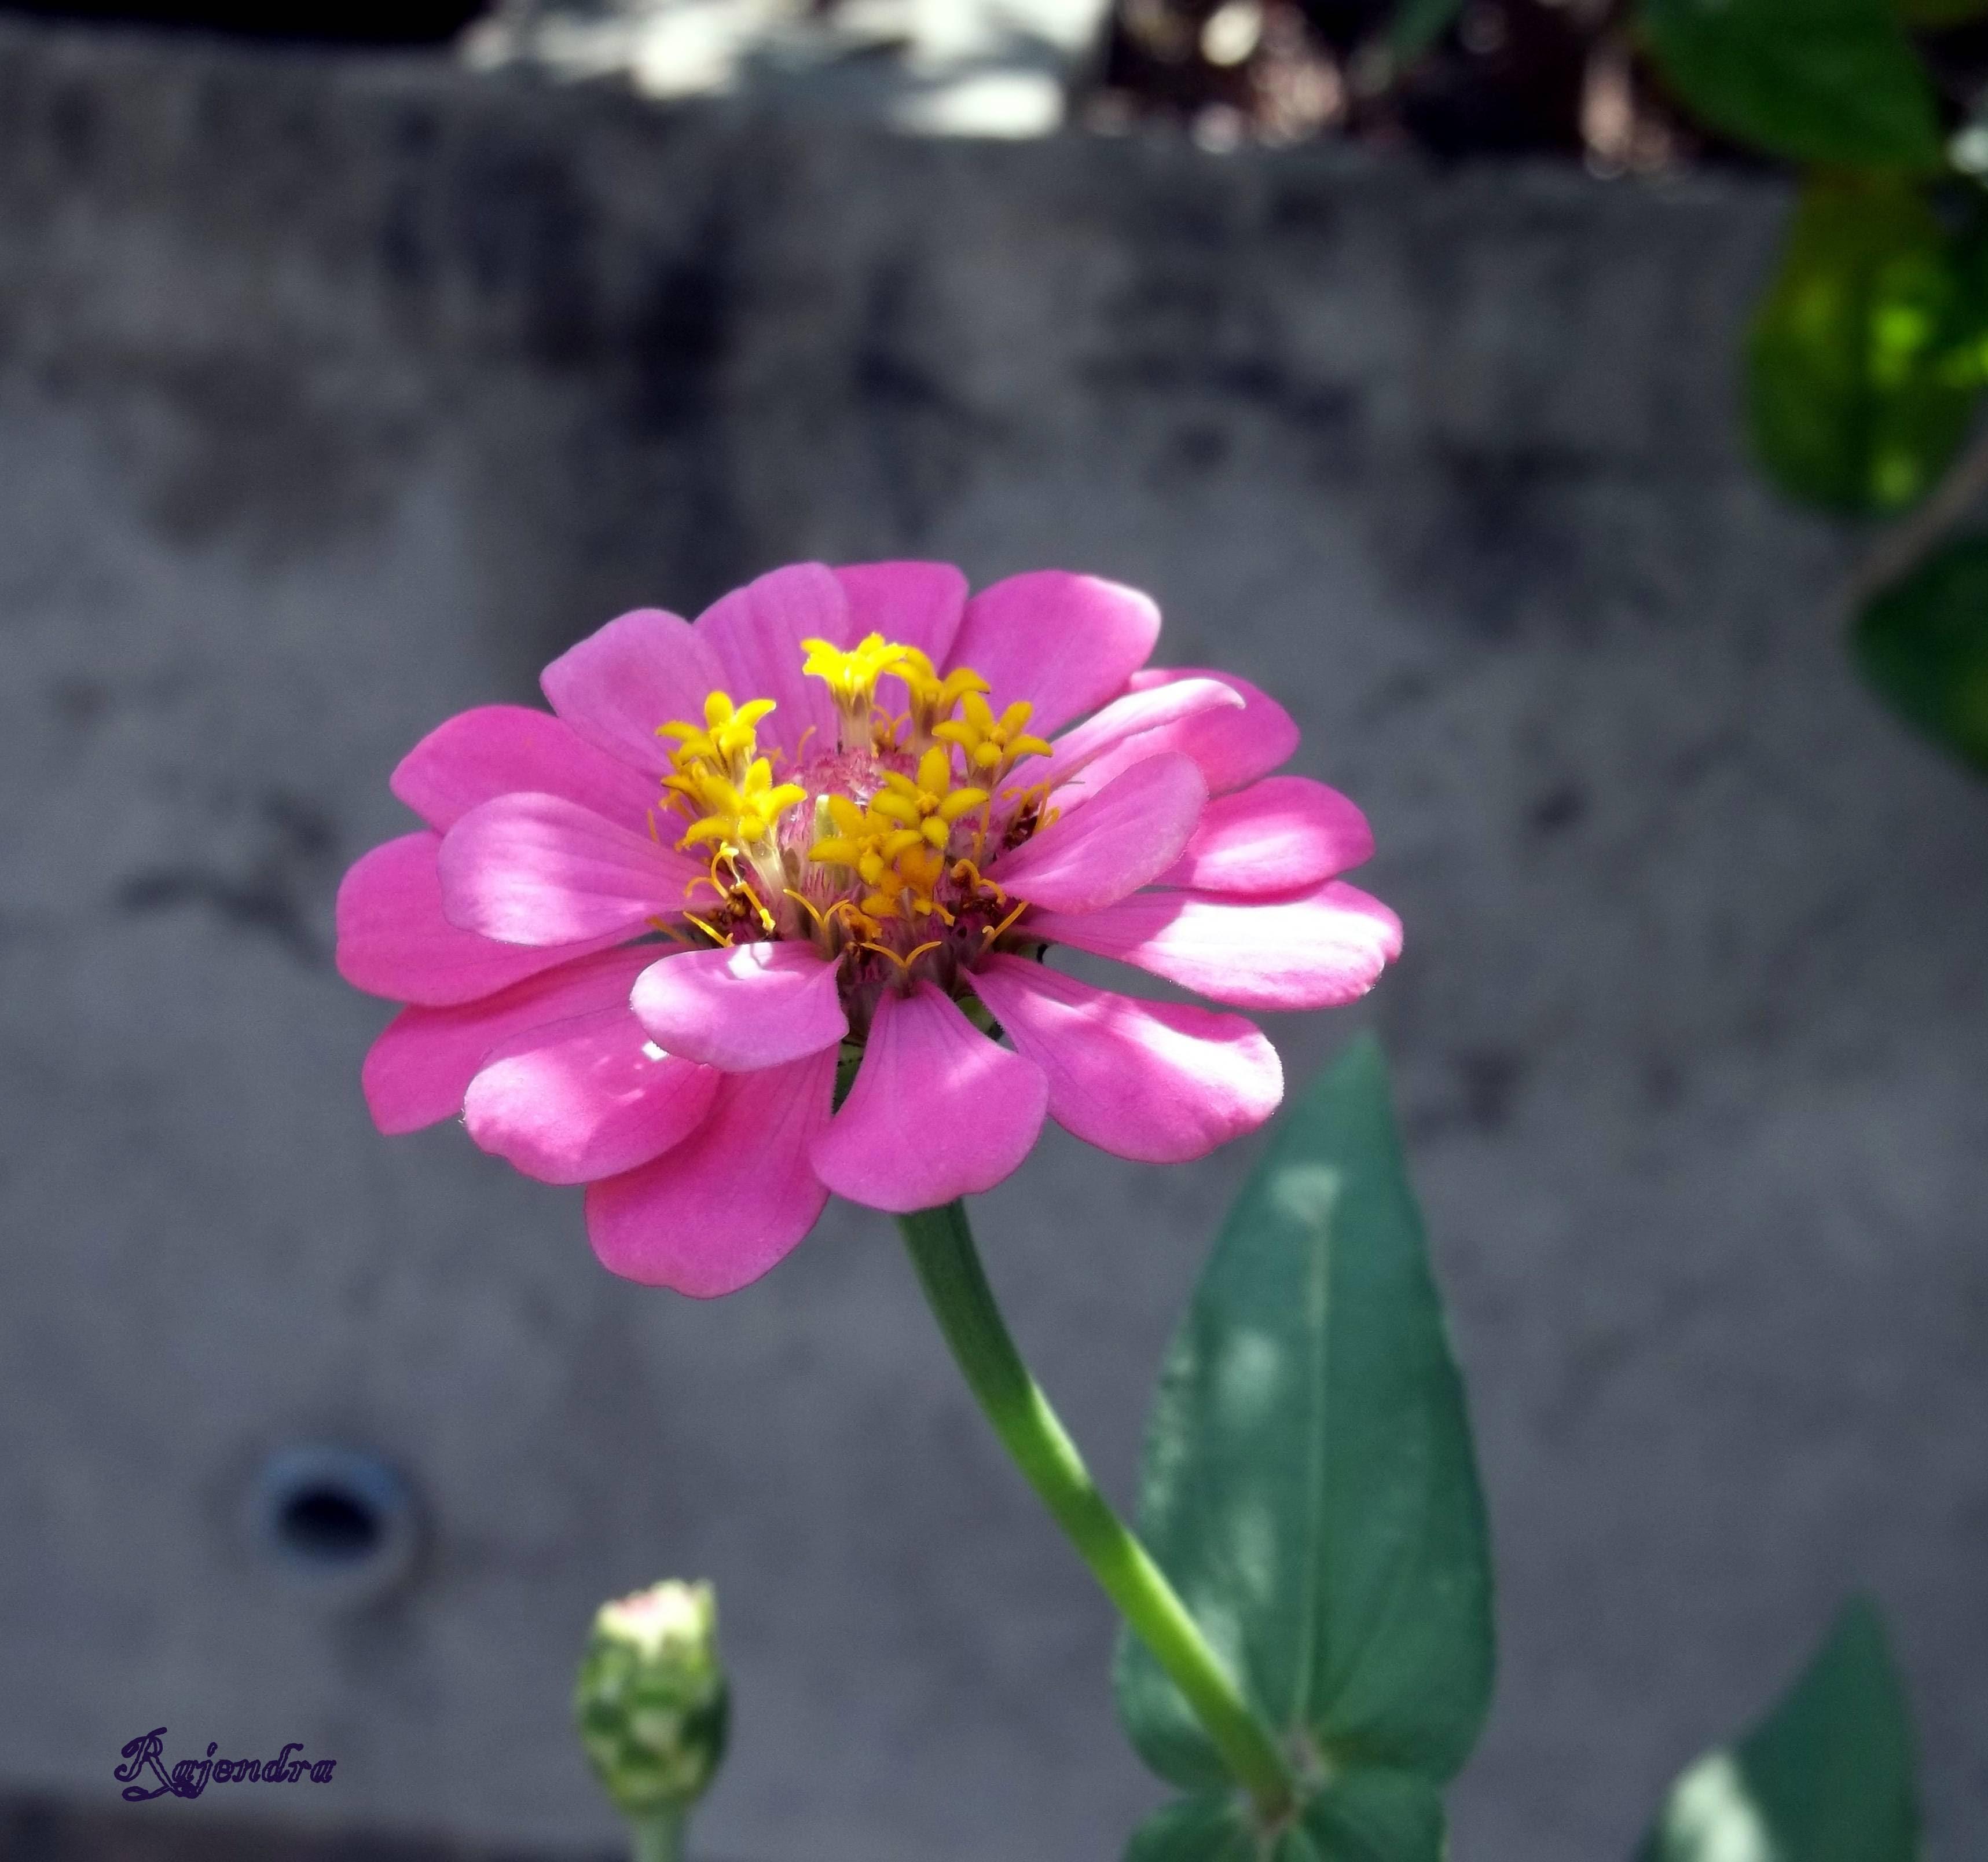 Image: Zinnia Flower